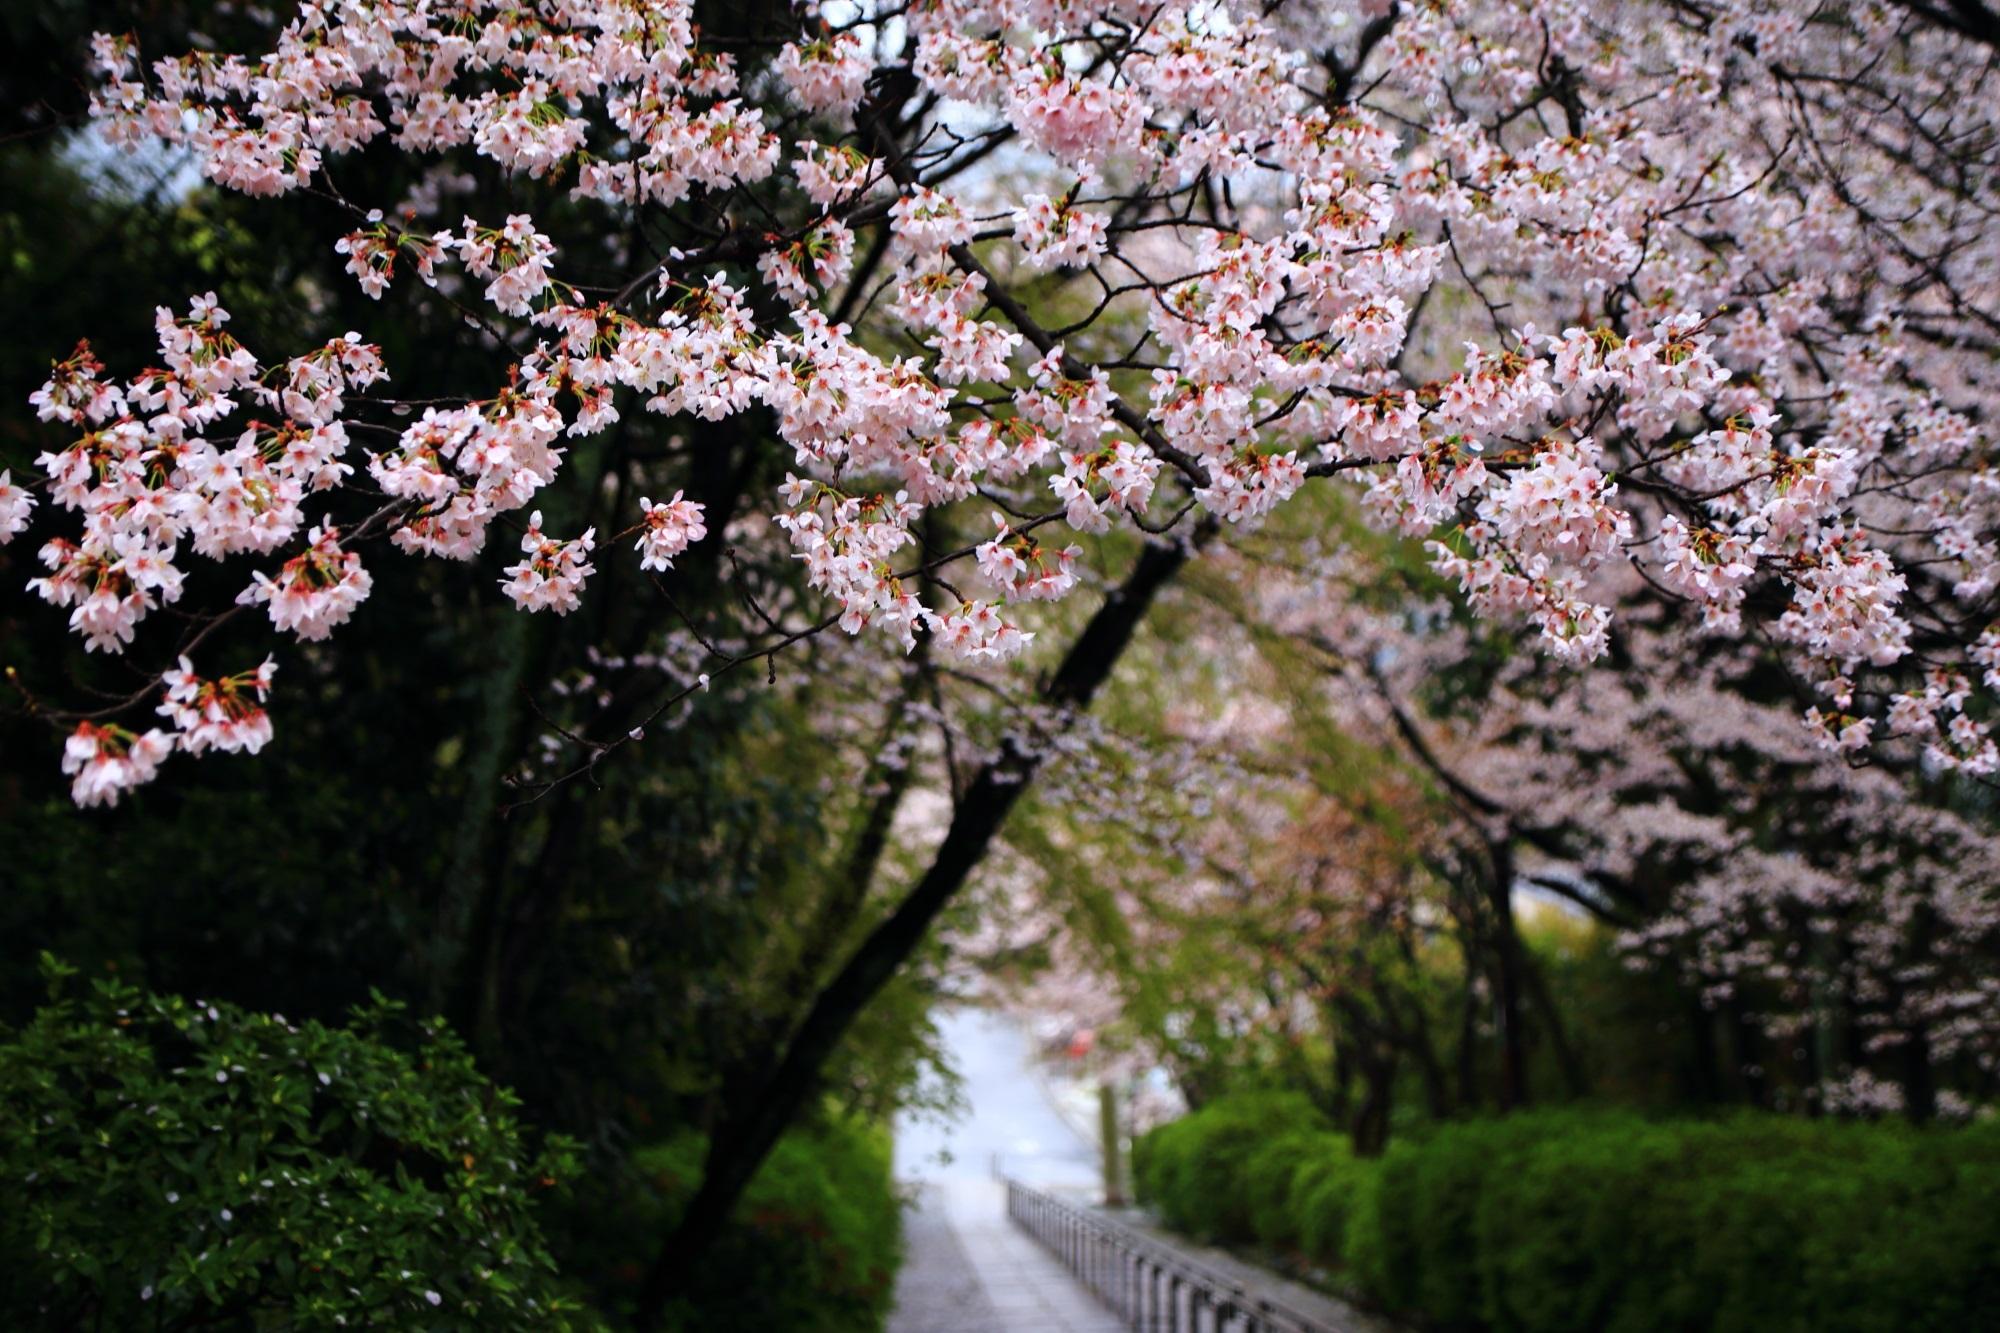 Kyoto Munetada-Shrine cherry blossoms